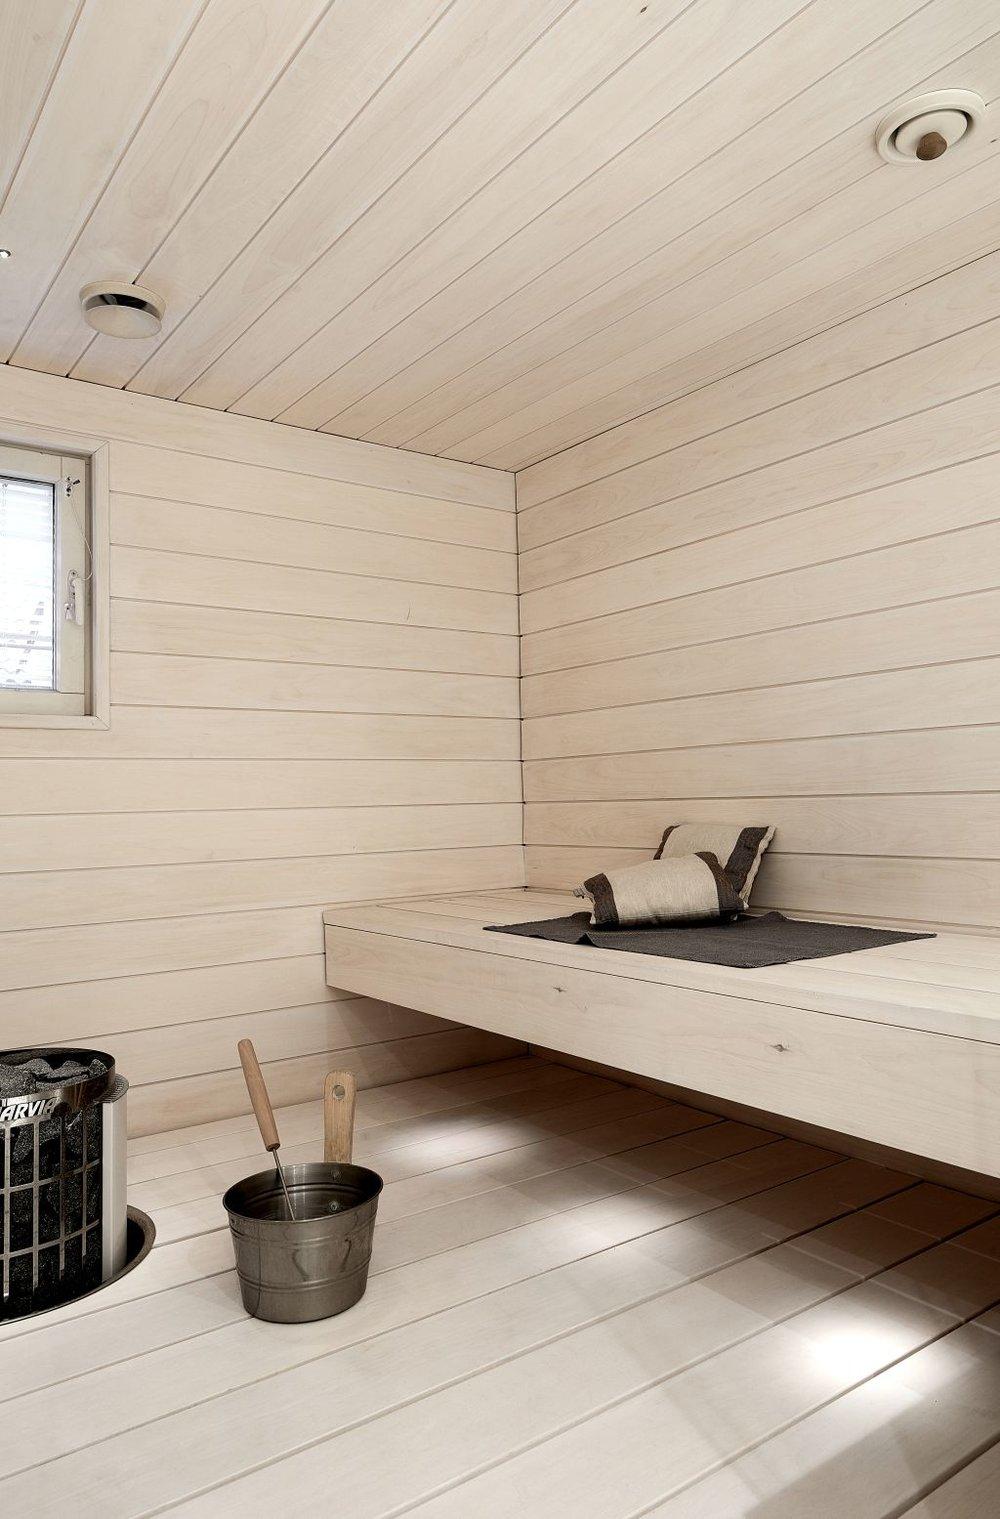 interior-anna-koponen-03 p.jpg